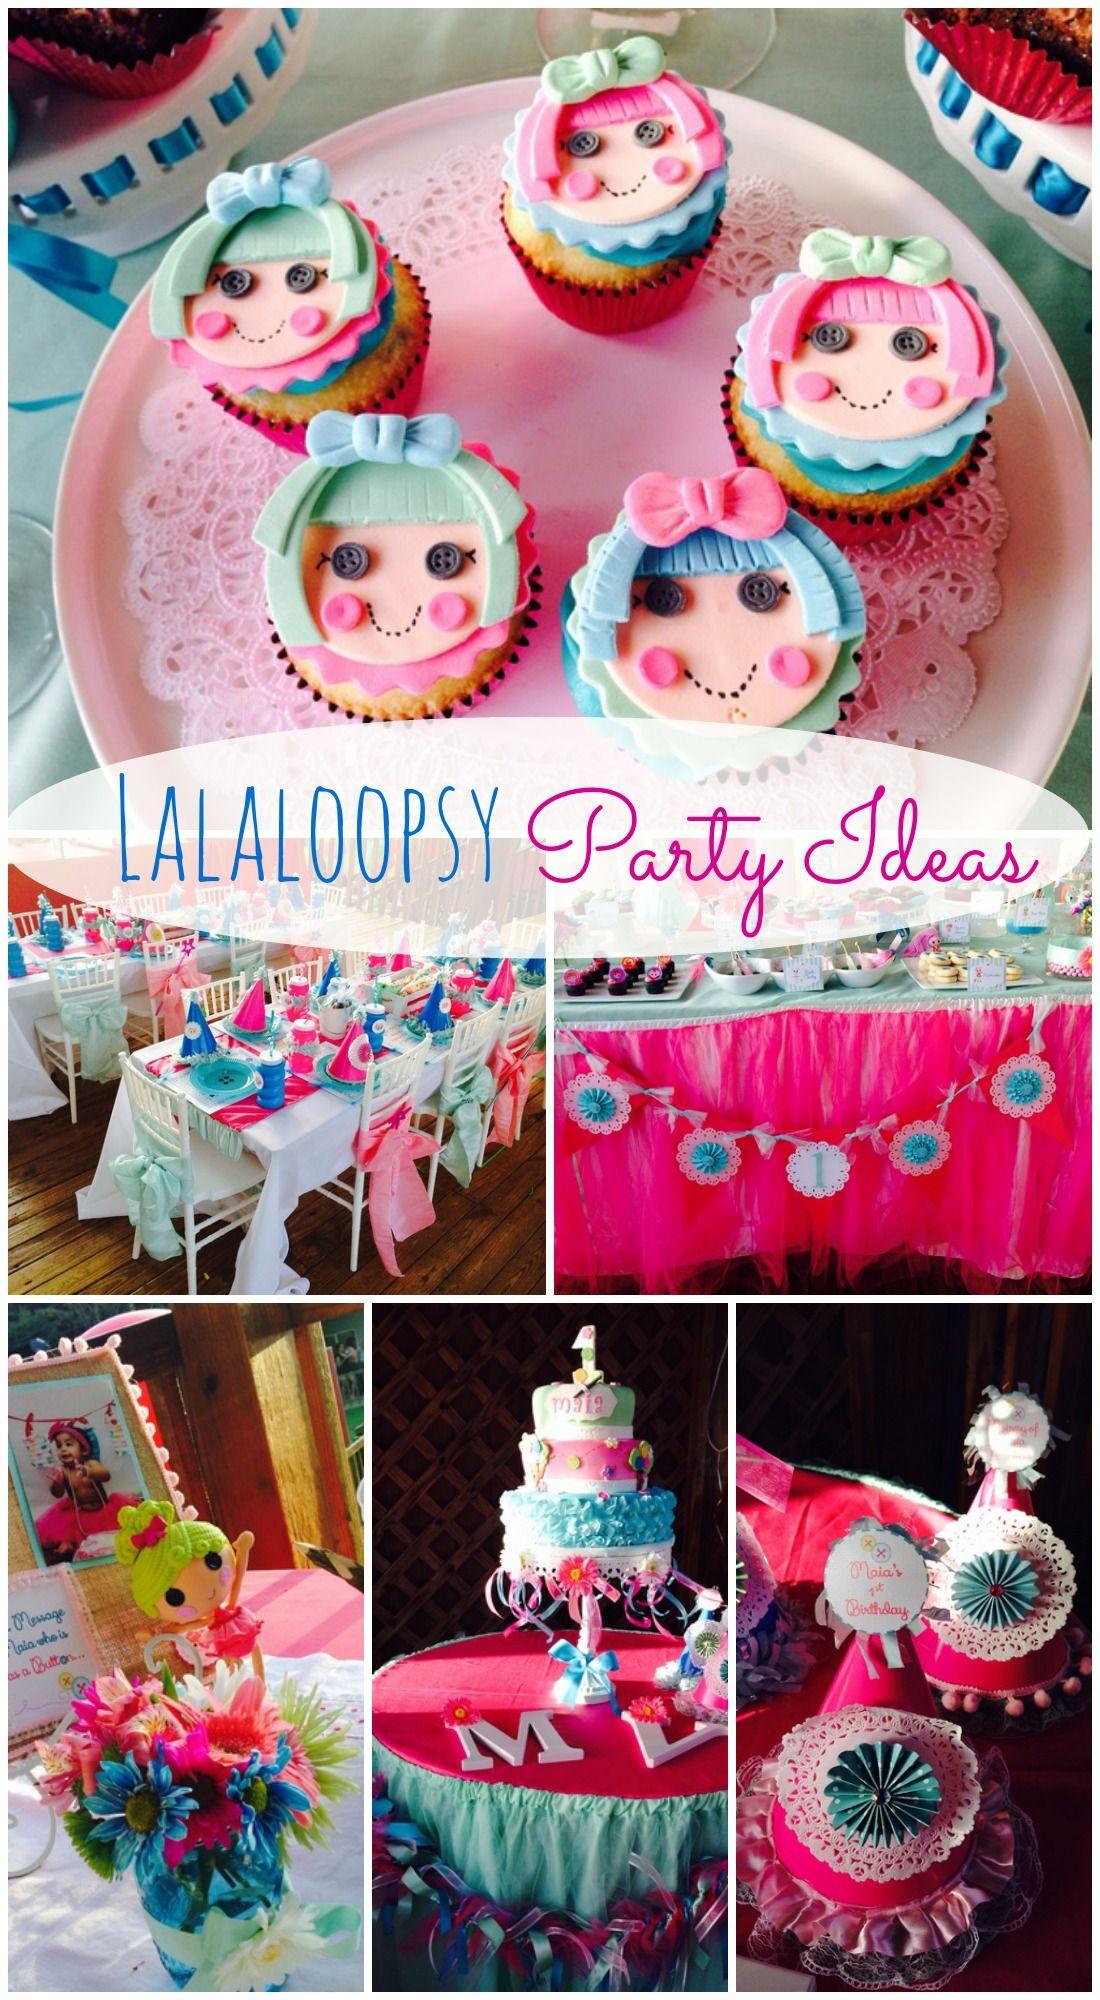 """Lalaloopsy Ballet Birthday """"Maia s Blissful Lalaloopsy Birthday"""